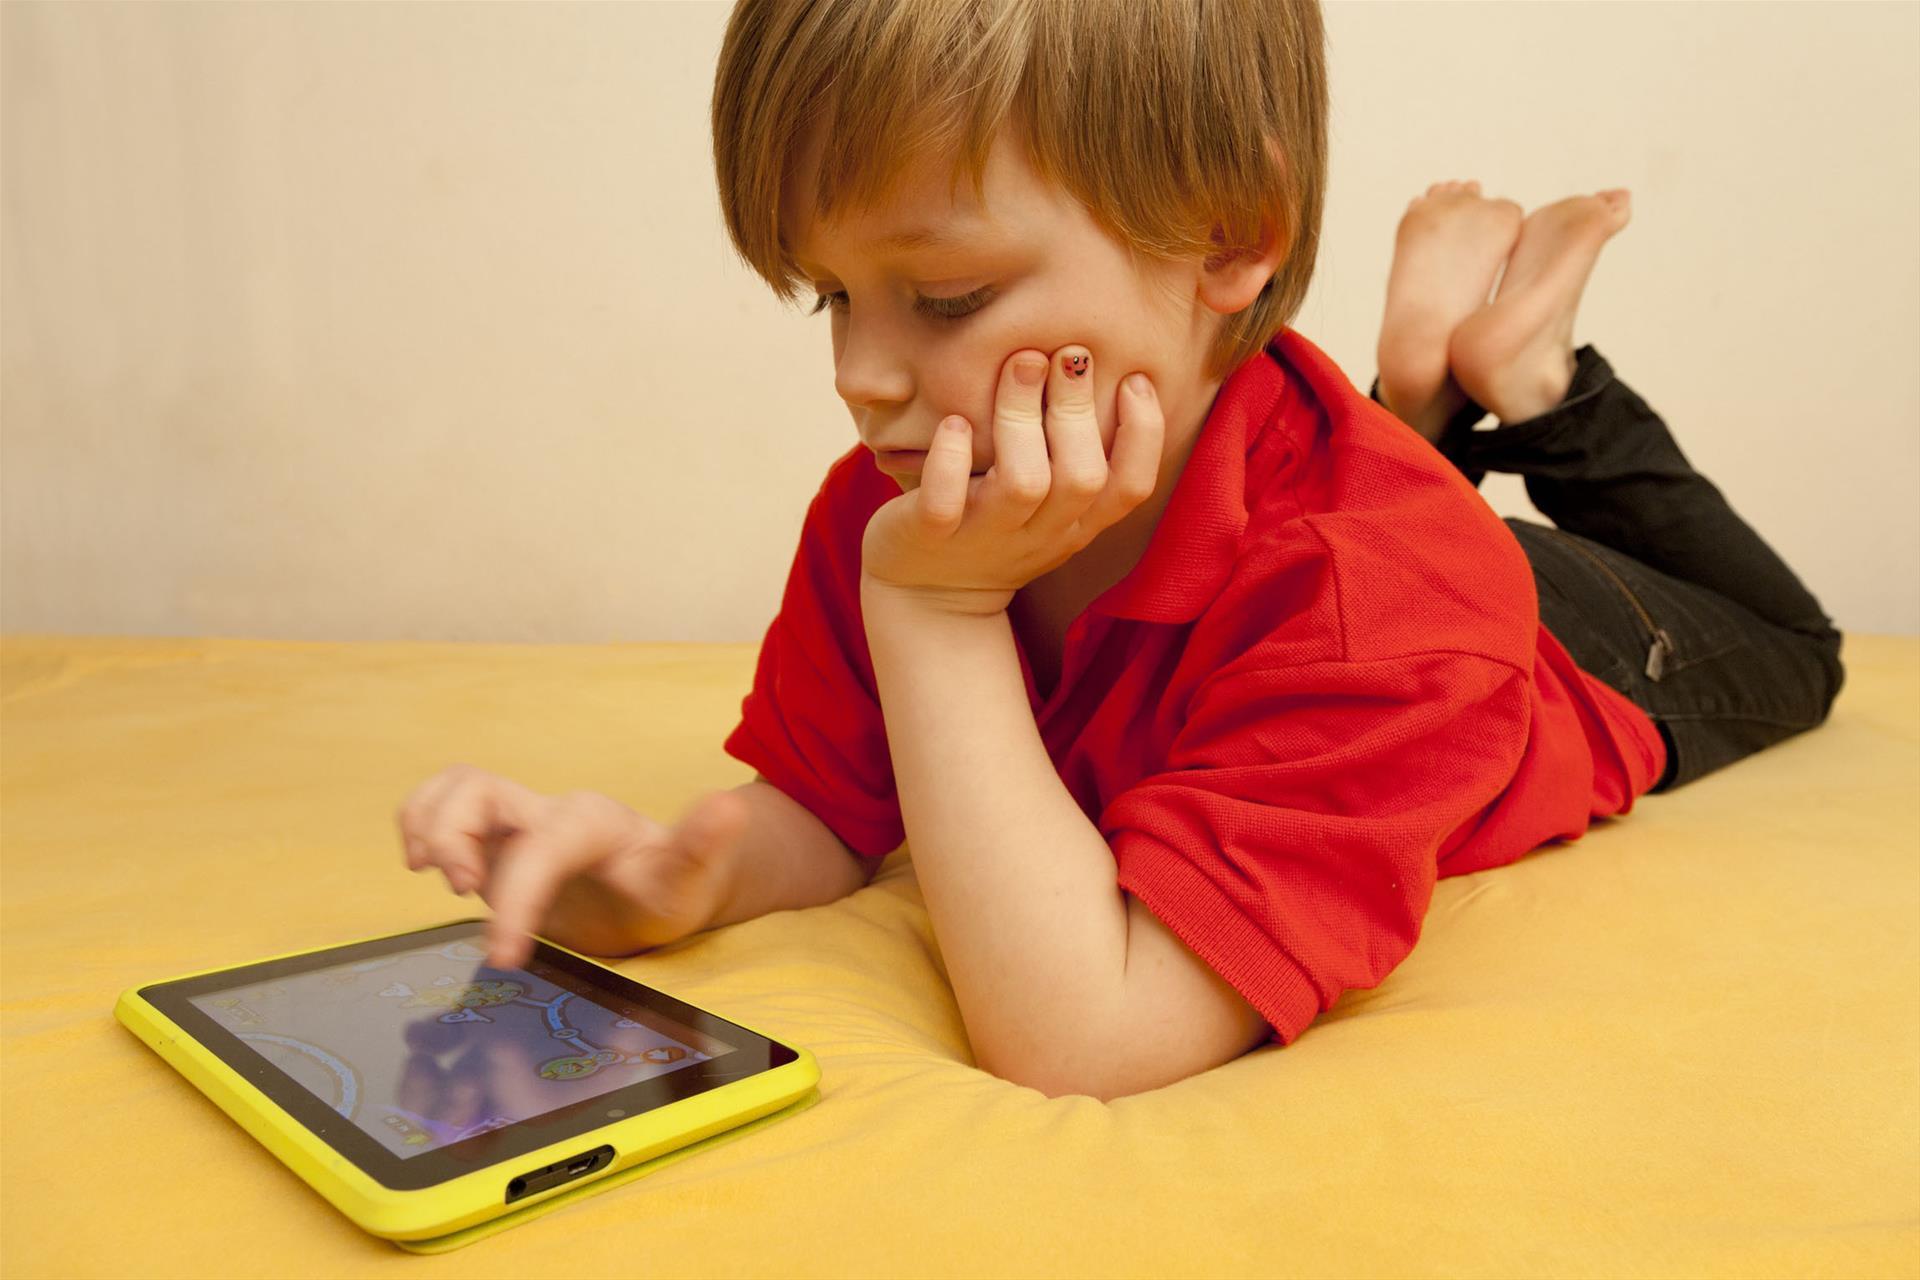 孩子们3岁以前基本没接触过屏幕,我是怎么做到的?有必要这样吗?